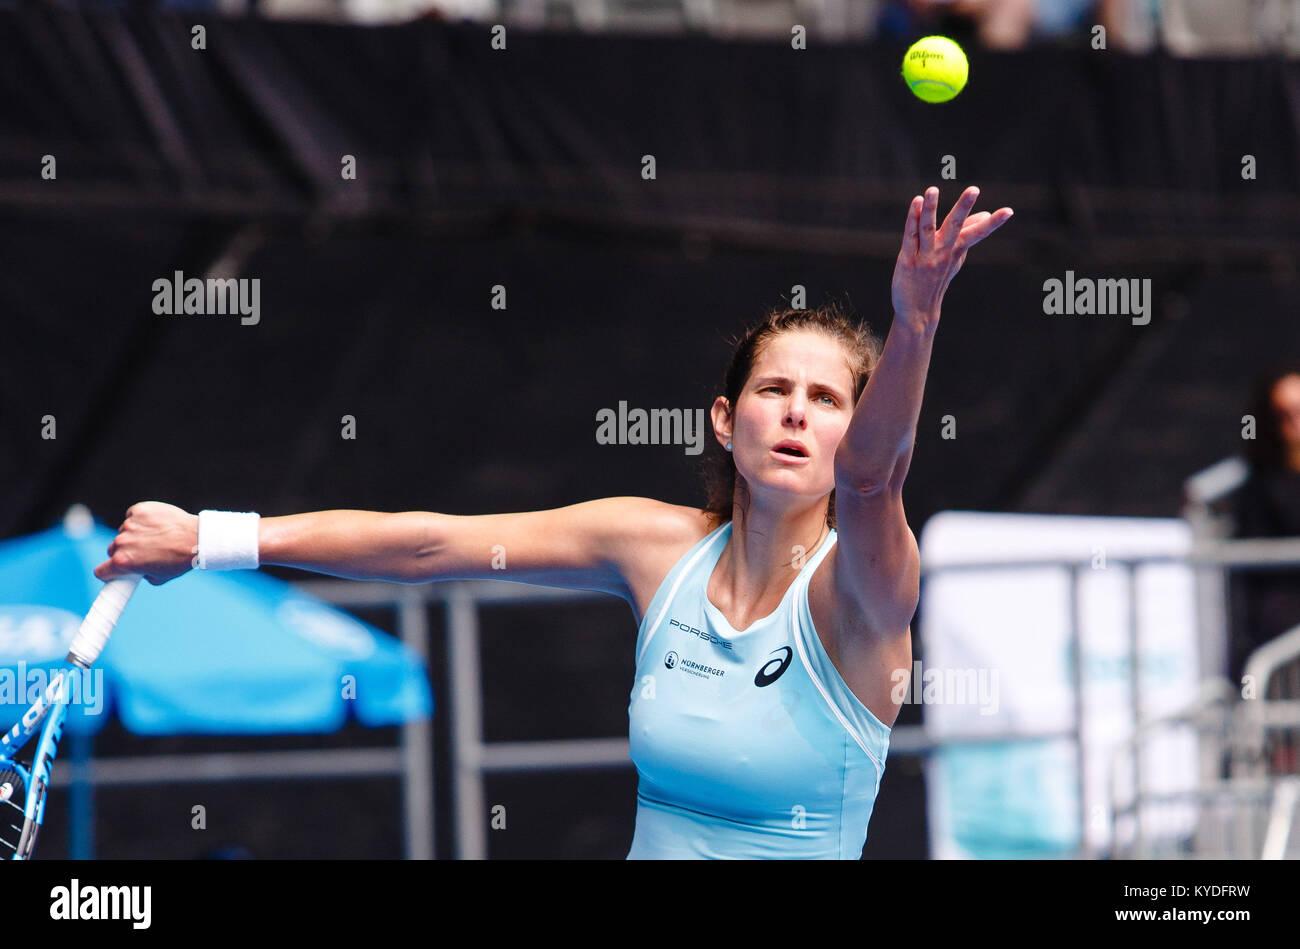 Melbourne Australien 15 Januar 2018 Deutsche Tennisspielerin